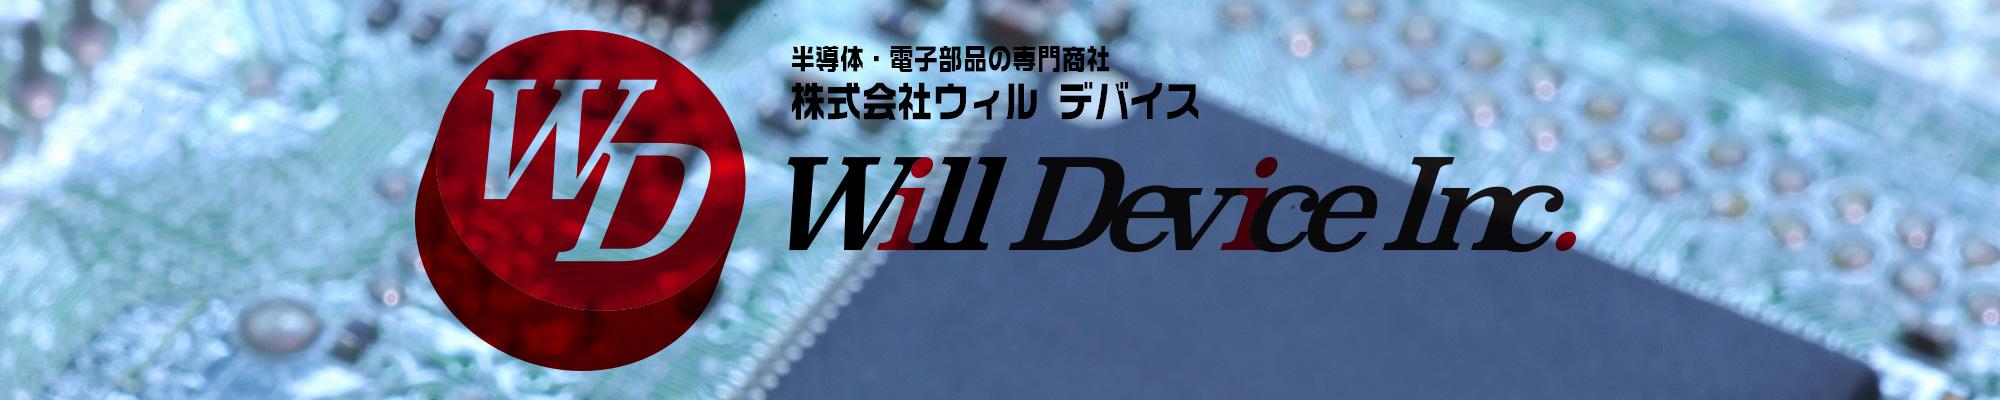 株式会社ウィル デバイス